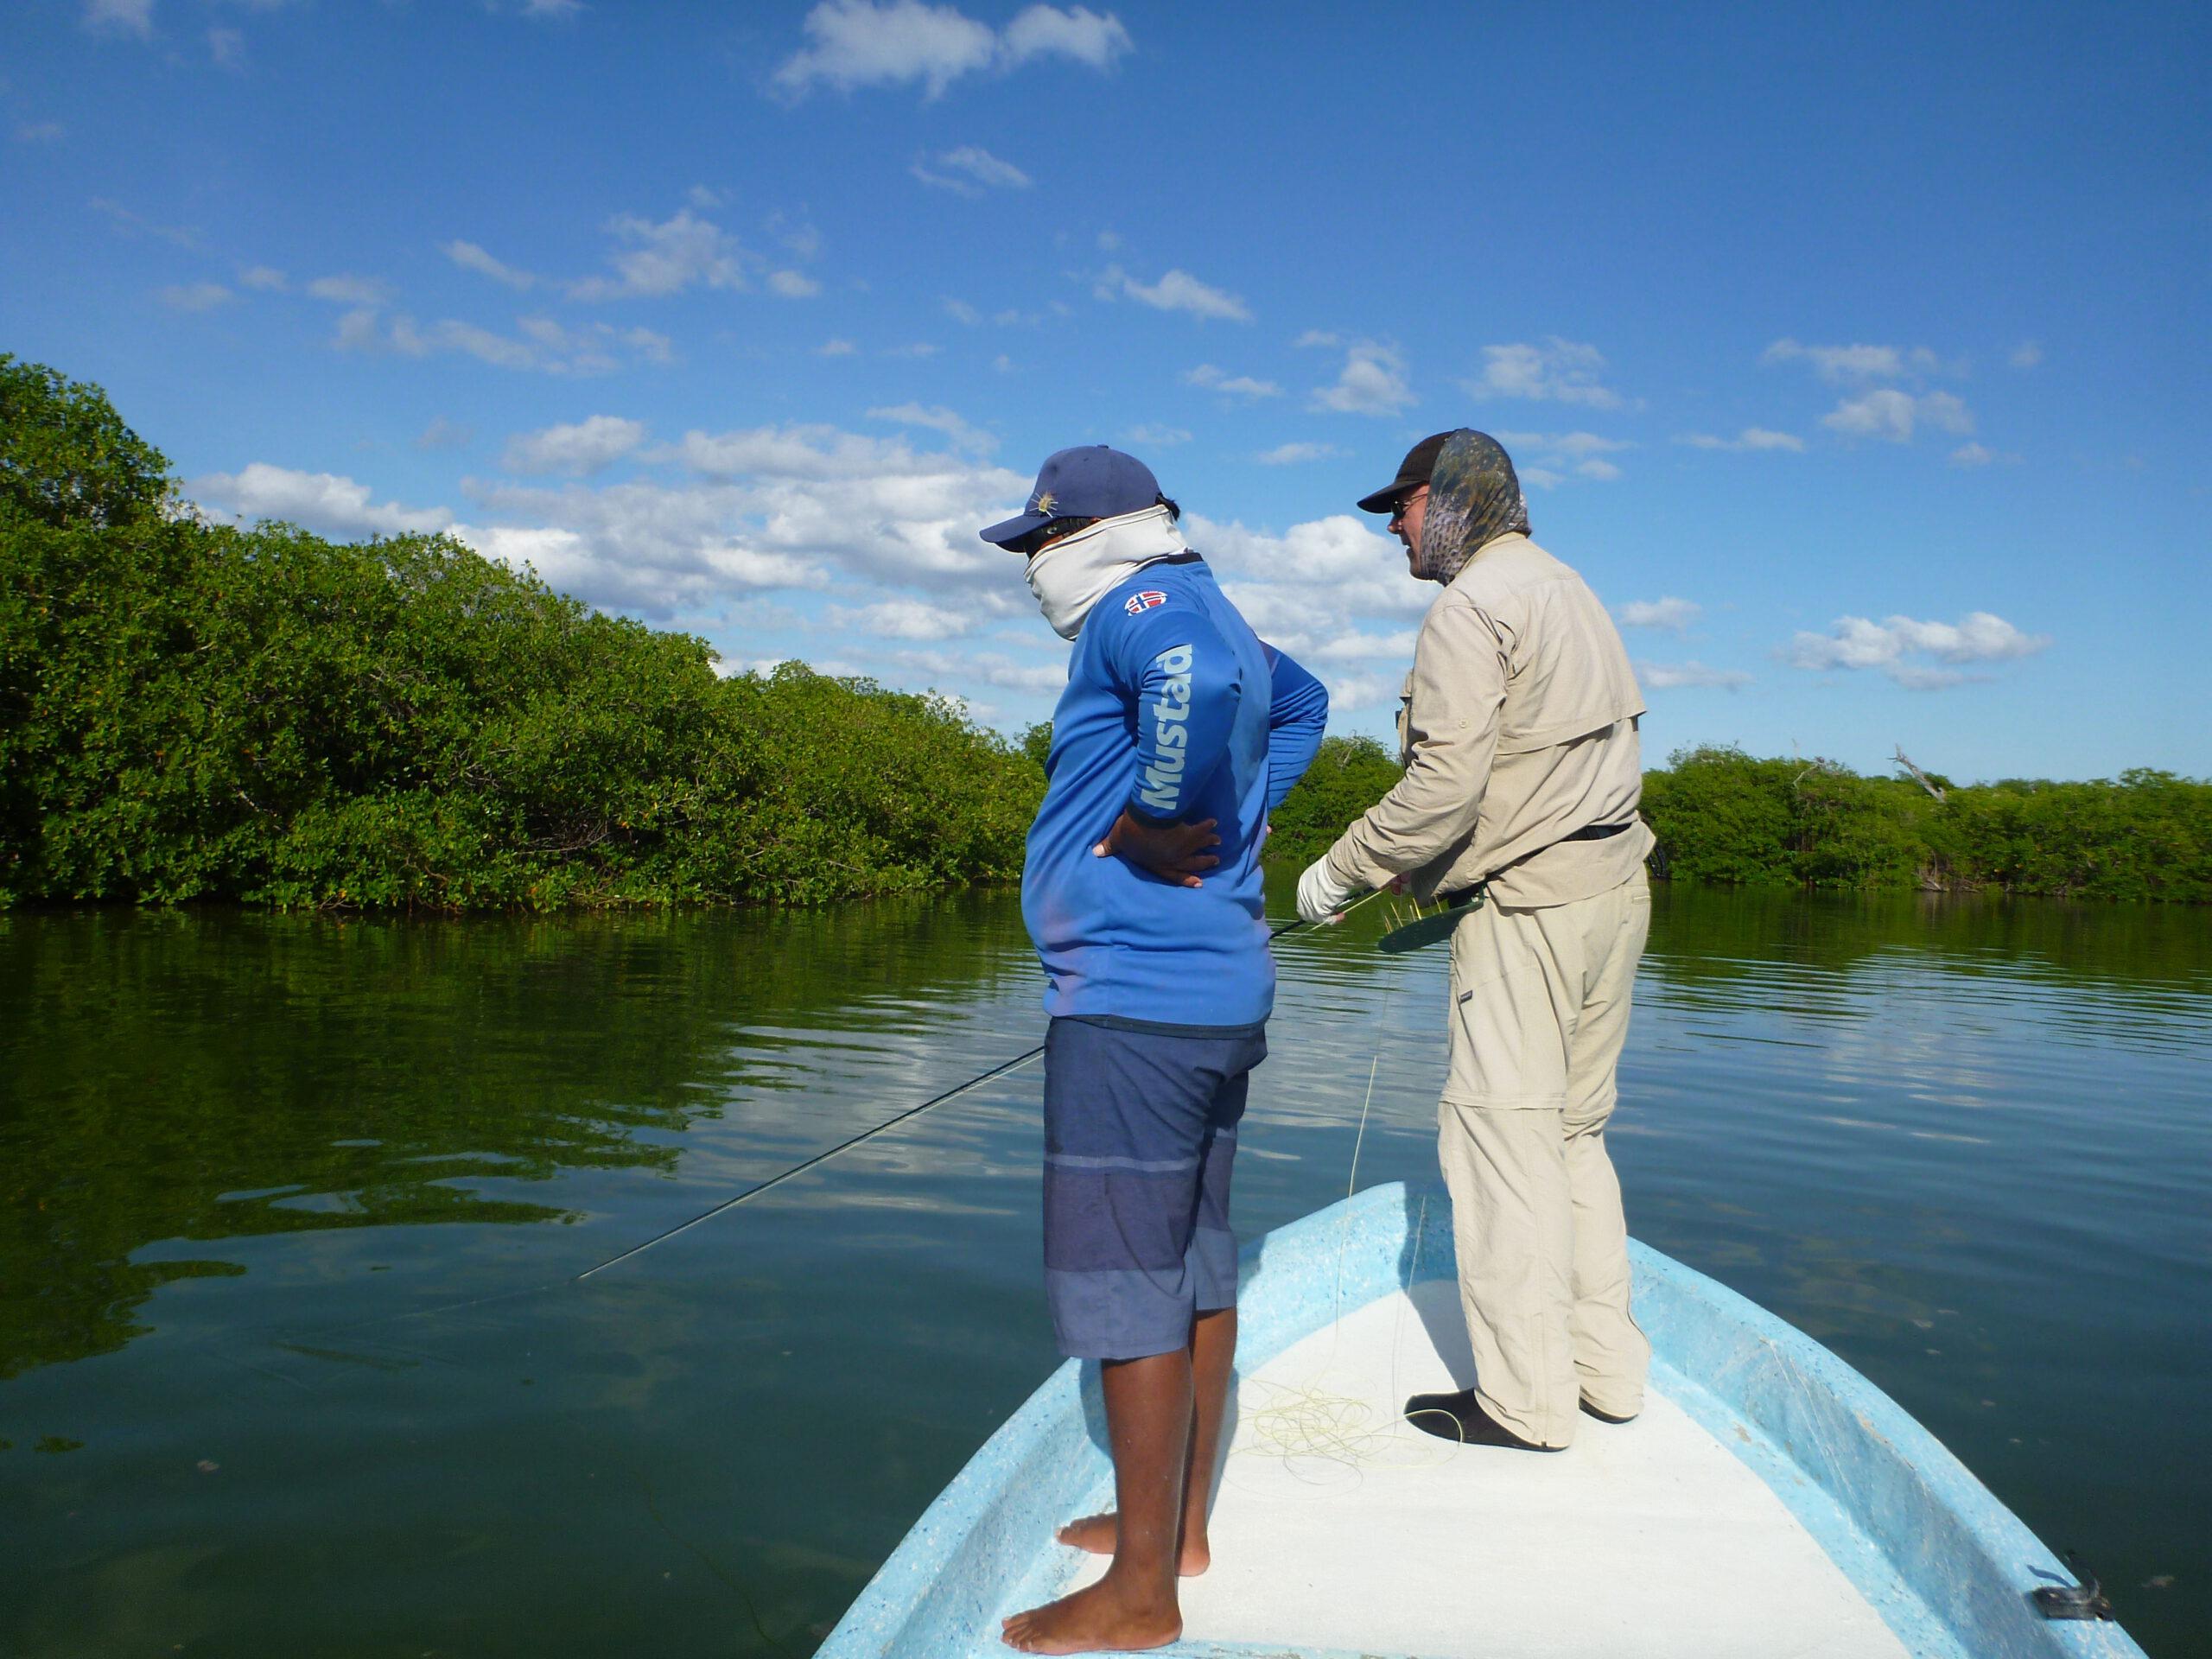 meksiko mexico ascensionbay flyfishing flugfiske perhokalastus permit tarpon bonefish kalastus perhokalastusmatka saltwaterflyfishing tropicalflyfishing kalastusmatka fishmaster globalfishing